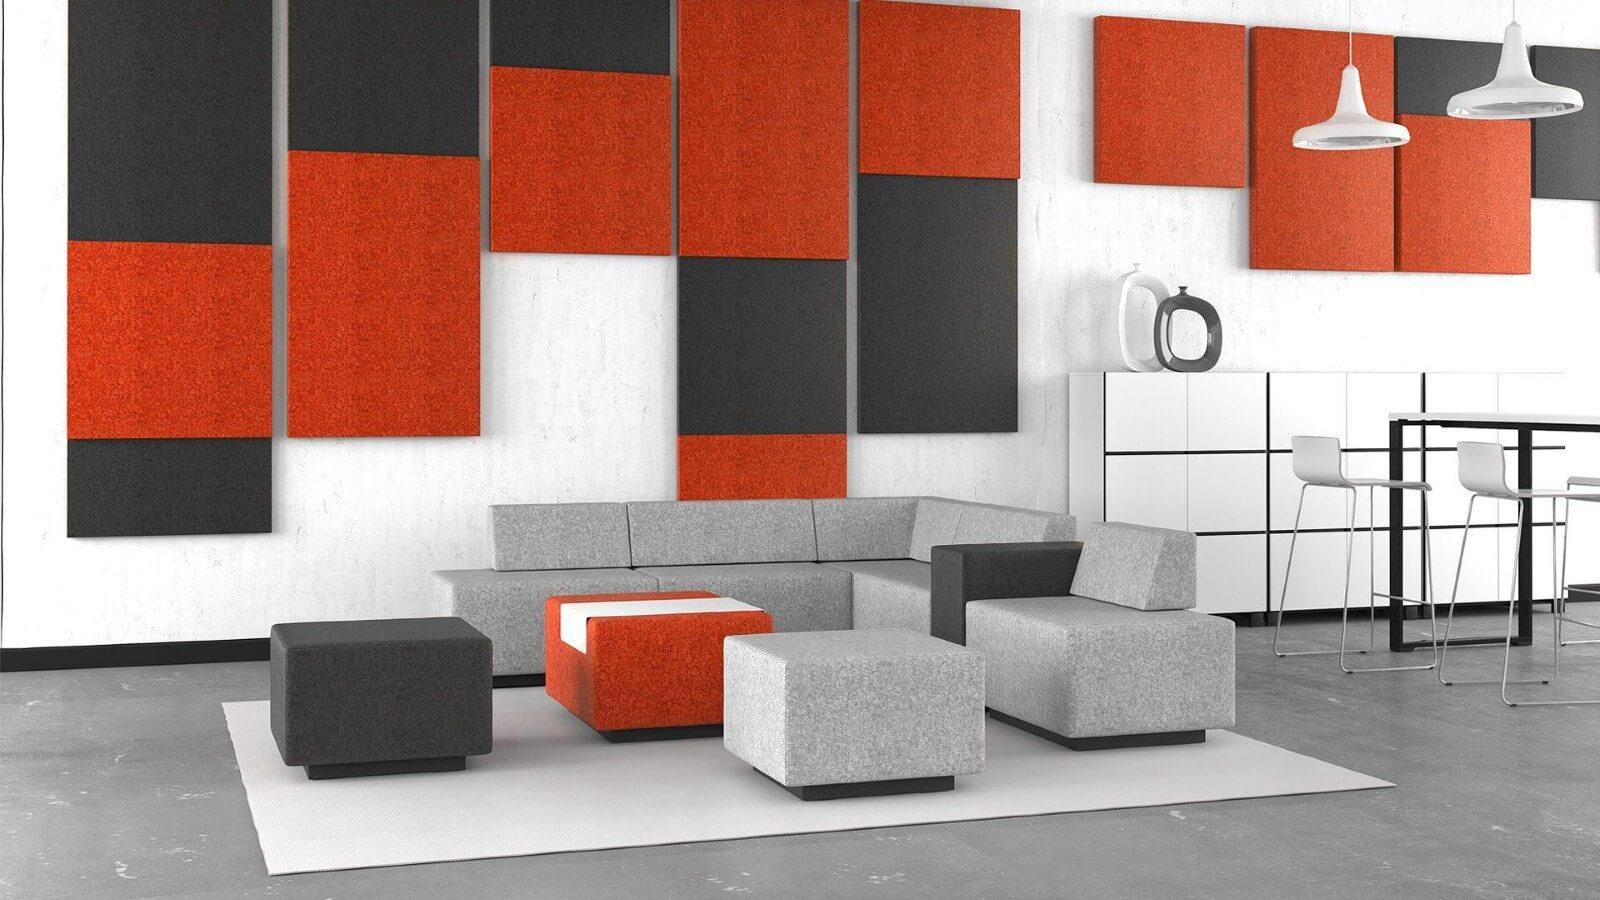 надежная мягкая мебель для офиса Тока